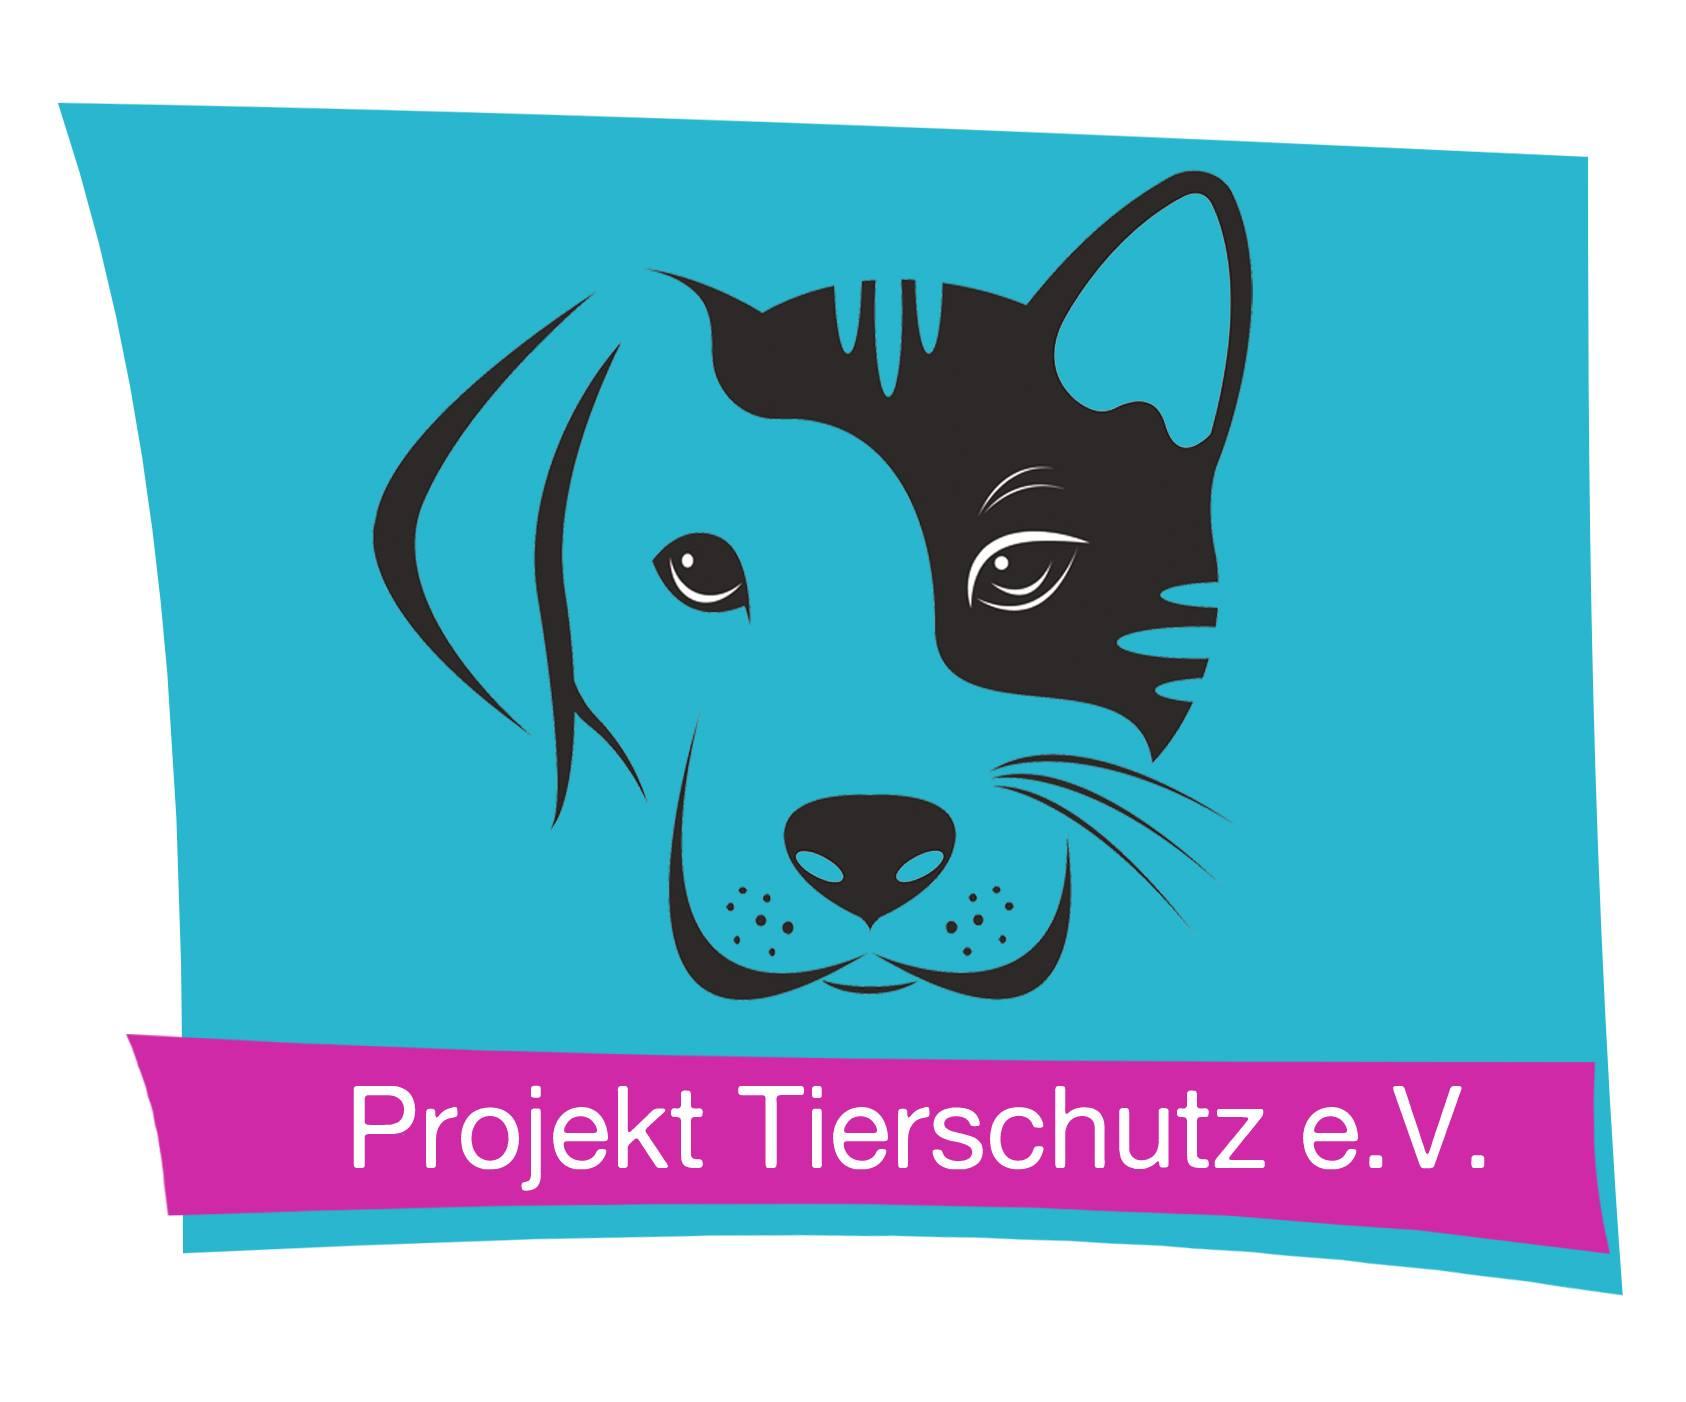 Logo-Projekt-Tierschutz-e.V..jpg